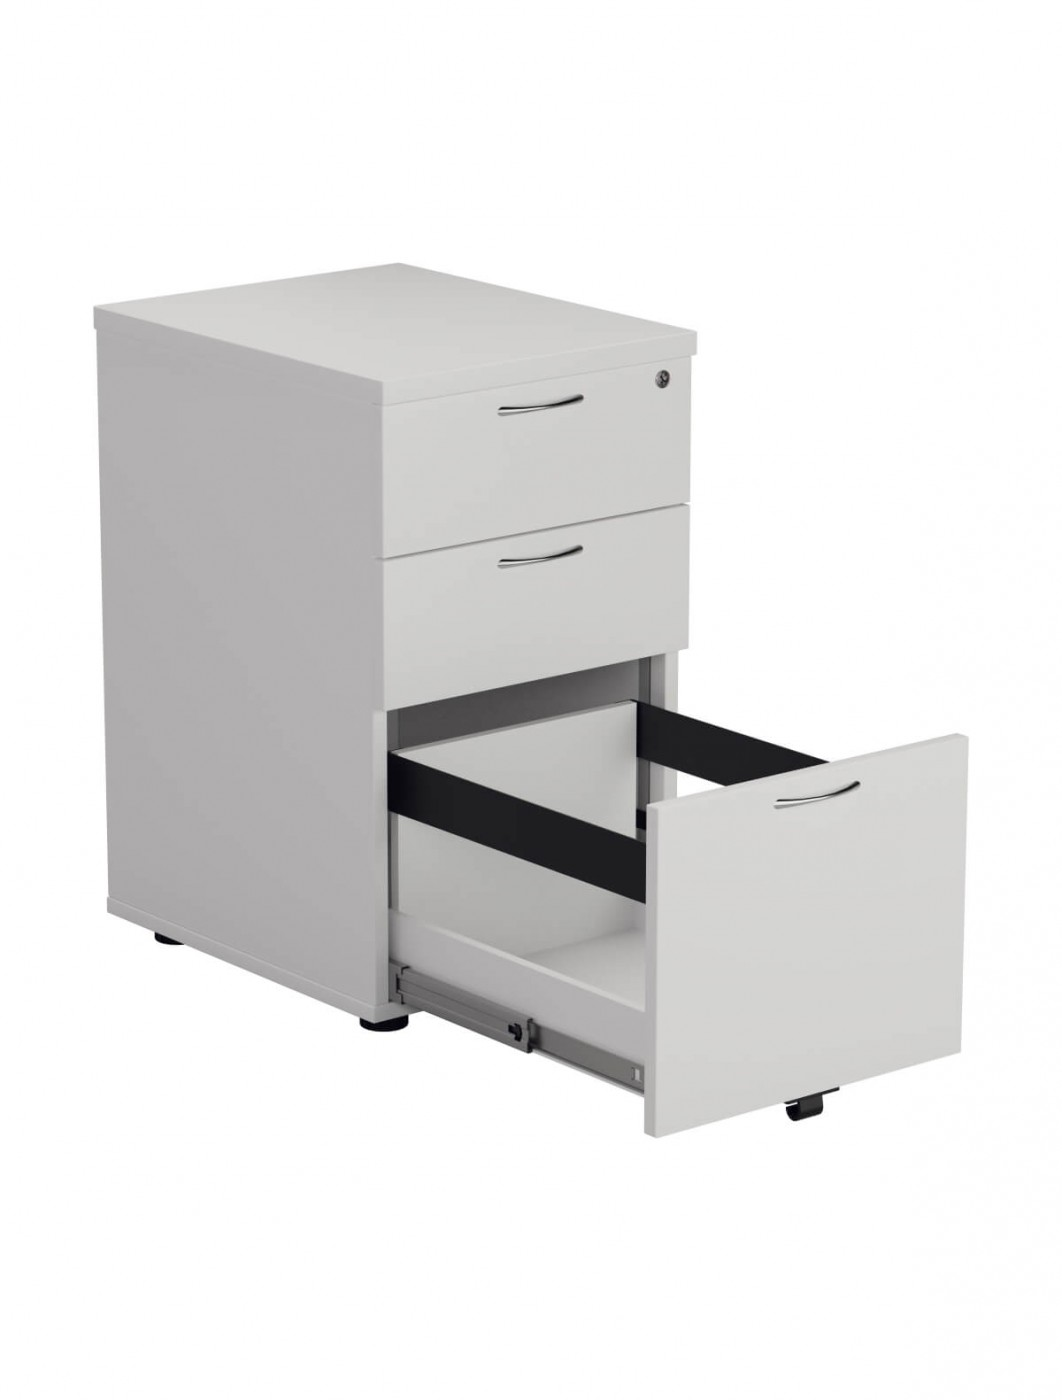 office furniture under desk pedestal tesudp3 office storage 121 office furniture. Black Bedroom Furniture Sets. Home Design Ideas